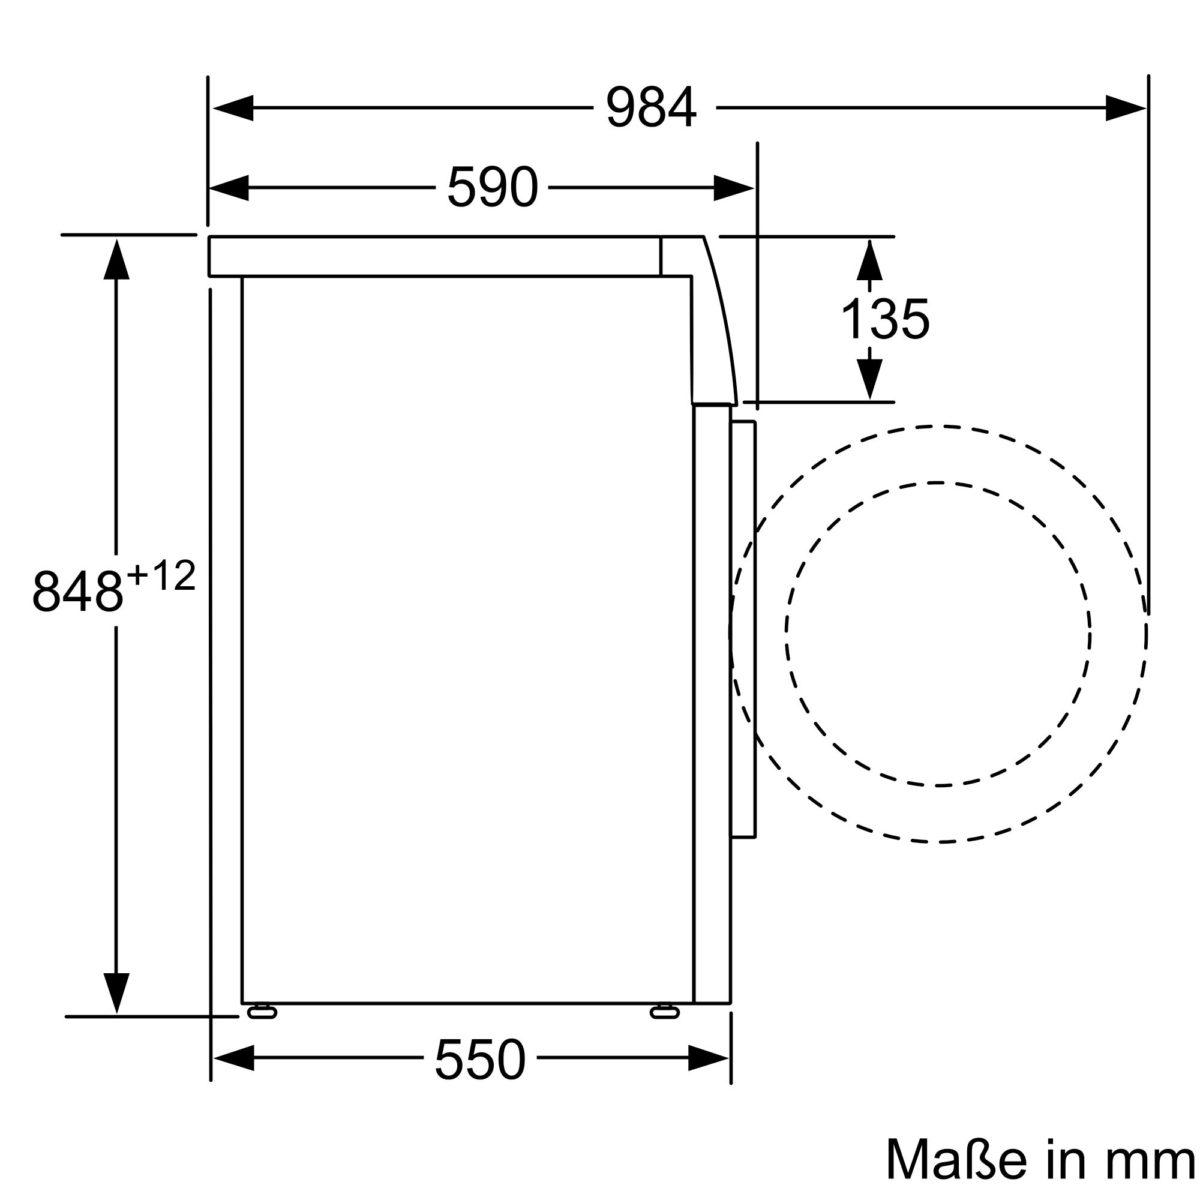 MCZ 00449723 74750 WM14B220 de DE 1200x1200 - Masina de spalat Bosch, Frontlader6 kg 1400 U/min., WAB28280